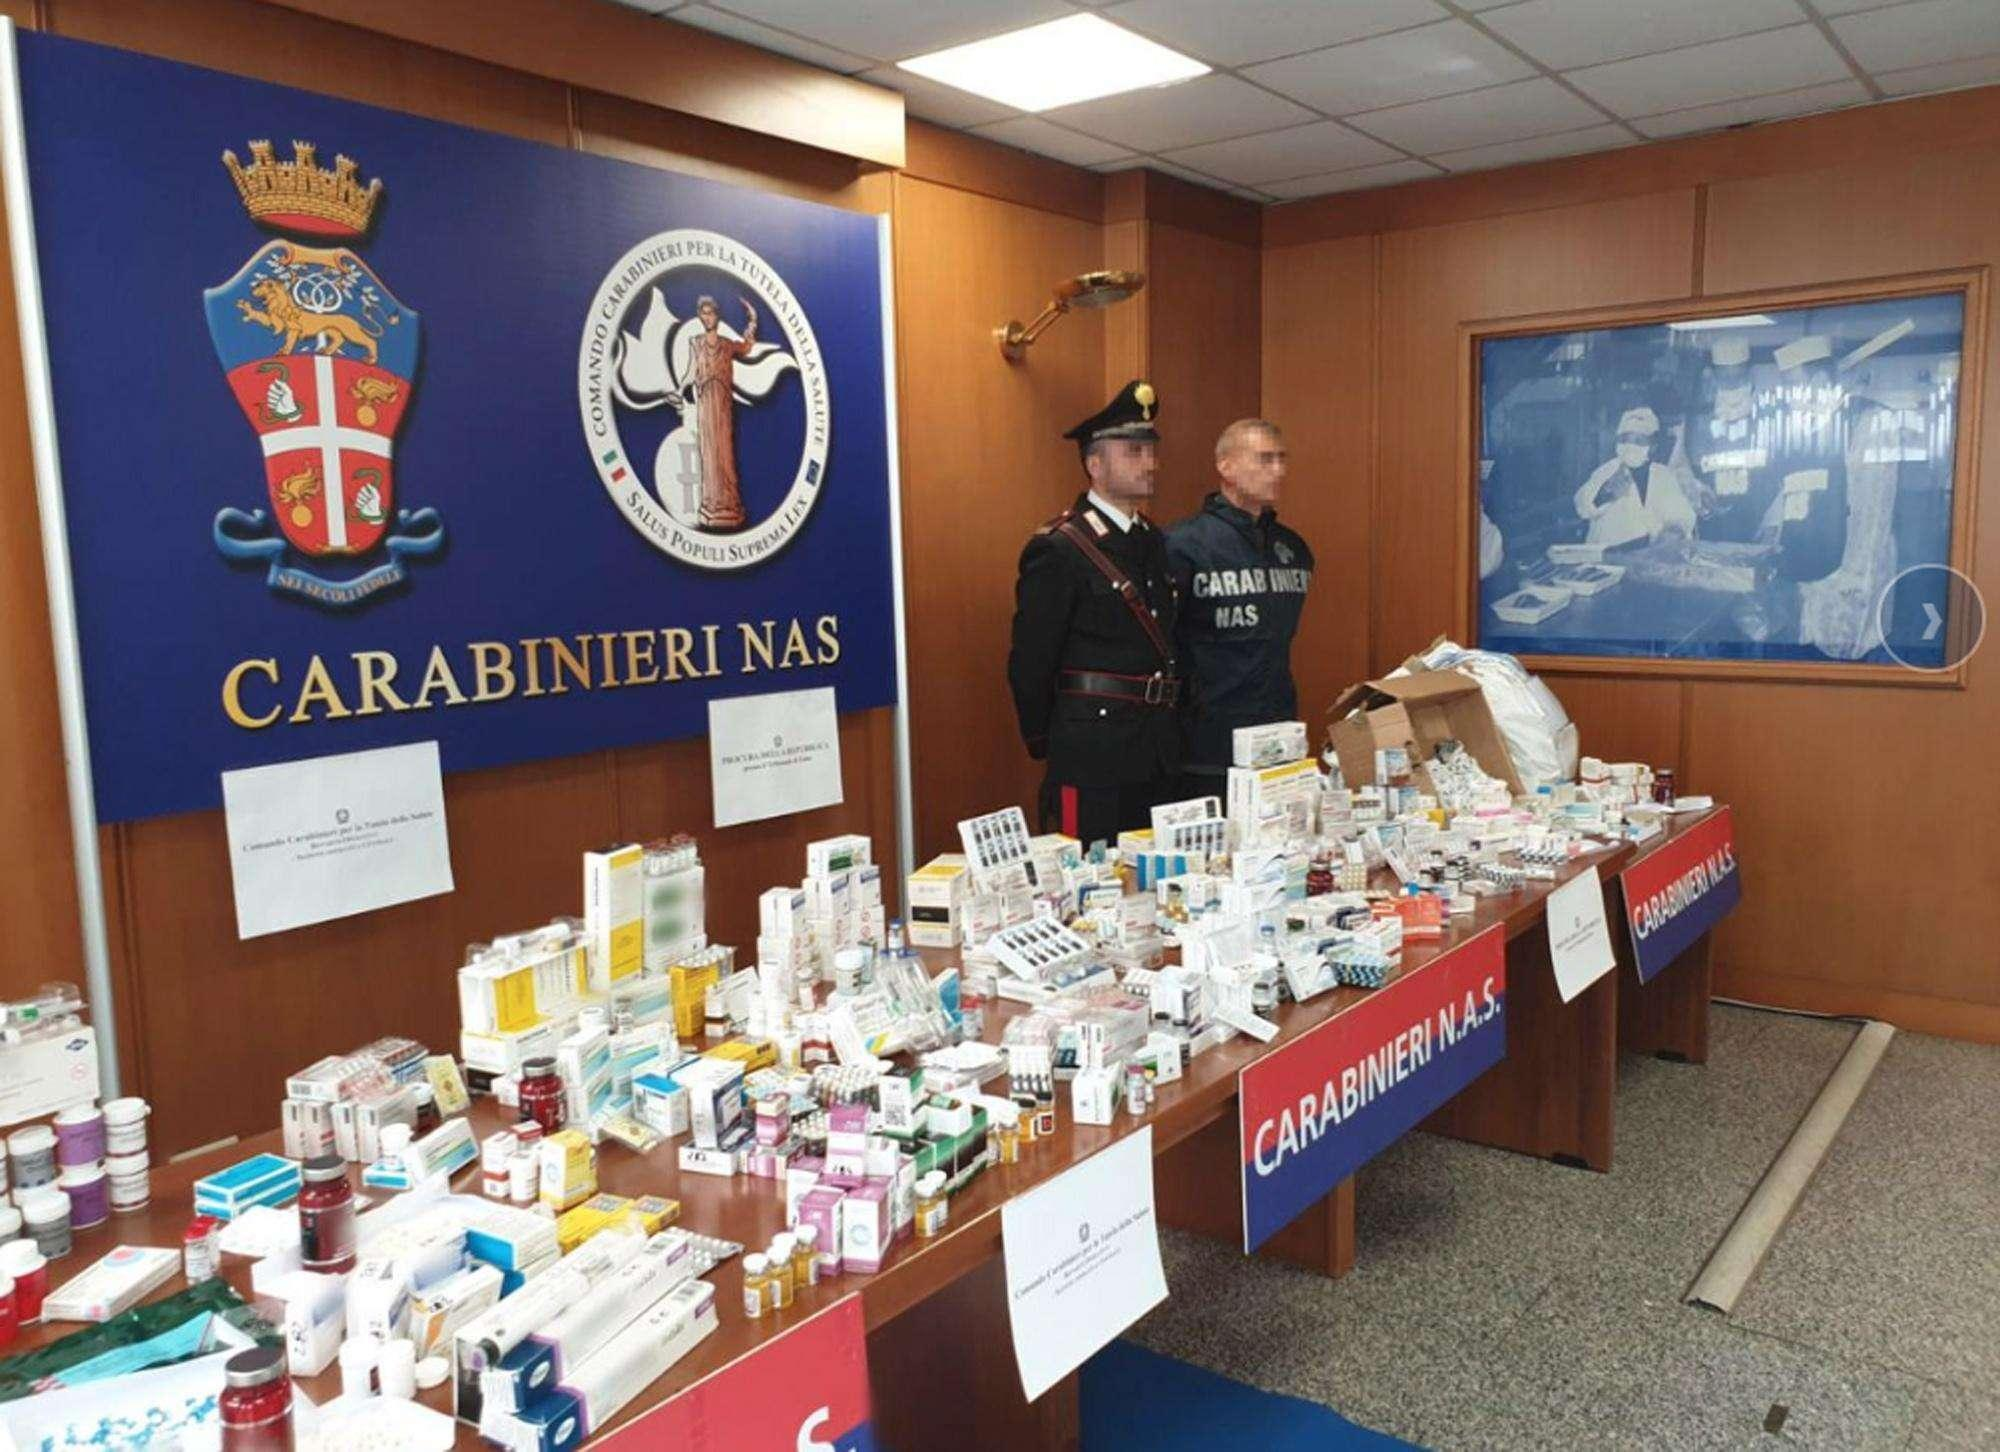 Operazione antidoping in Ue, 234 arresti e mille indagati